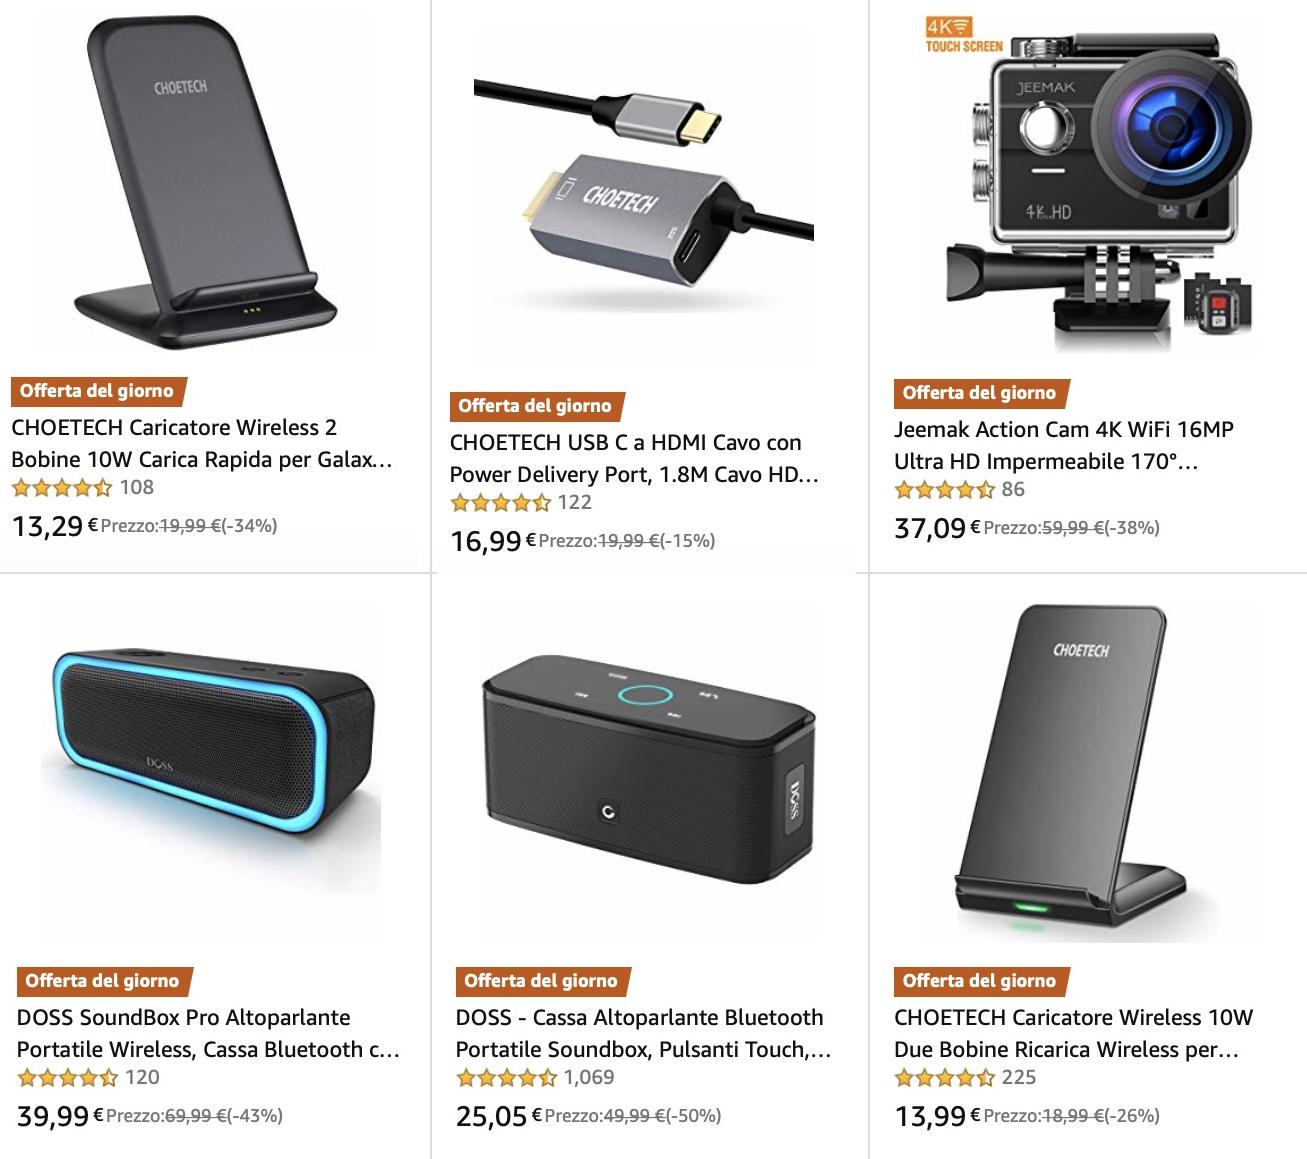 Sconti Amazon 19 luglio fino al 70%: Philips, Samsung, WD, SanDisk, Crucial, Arlo, Sonos, LG, Bose